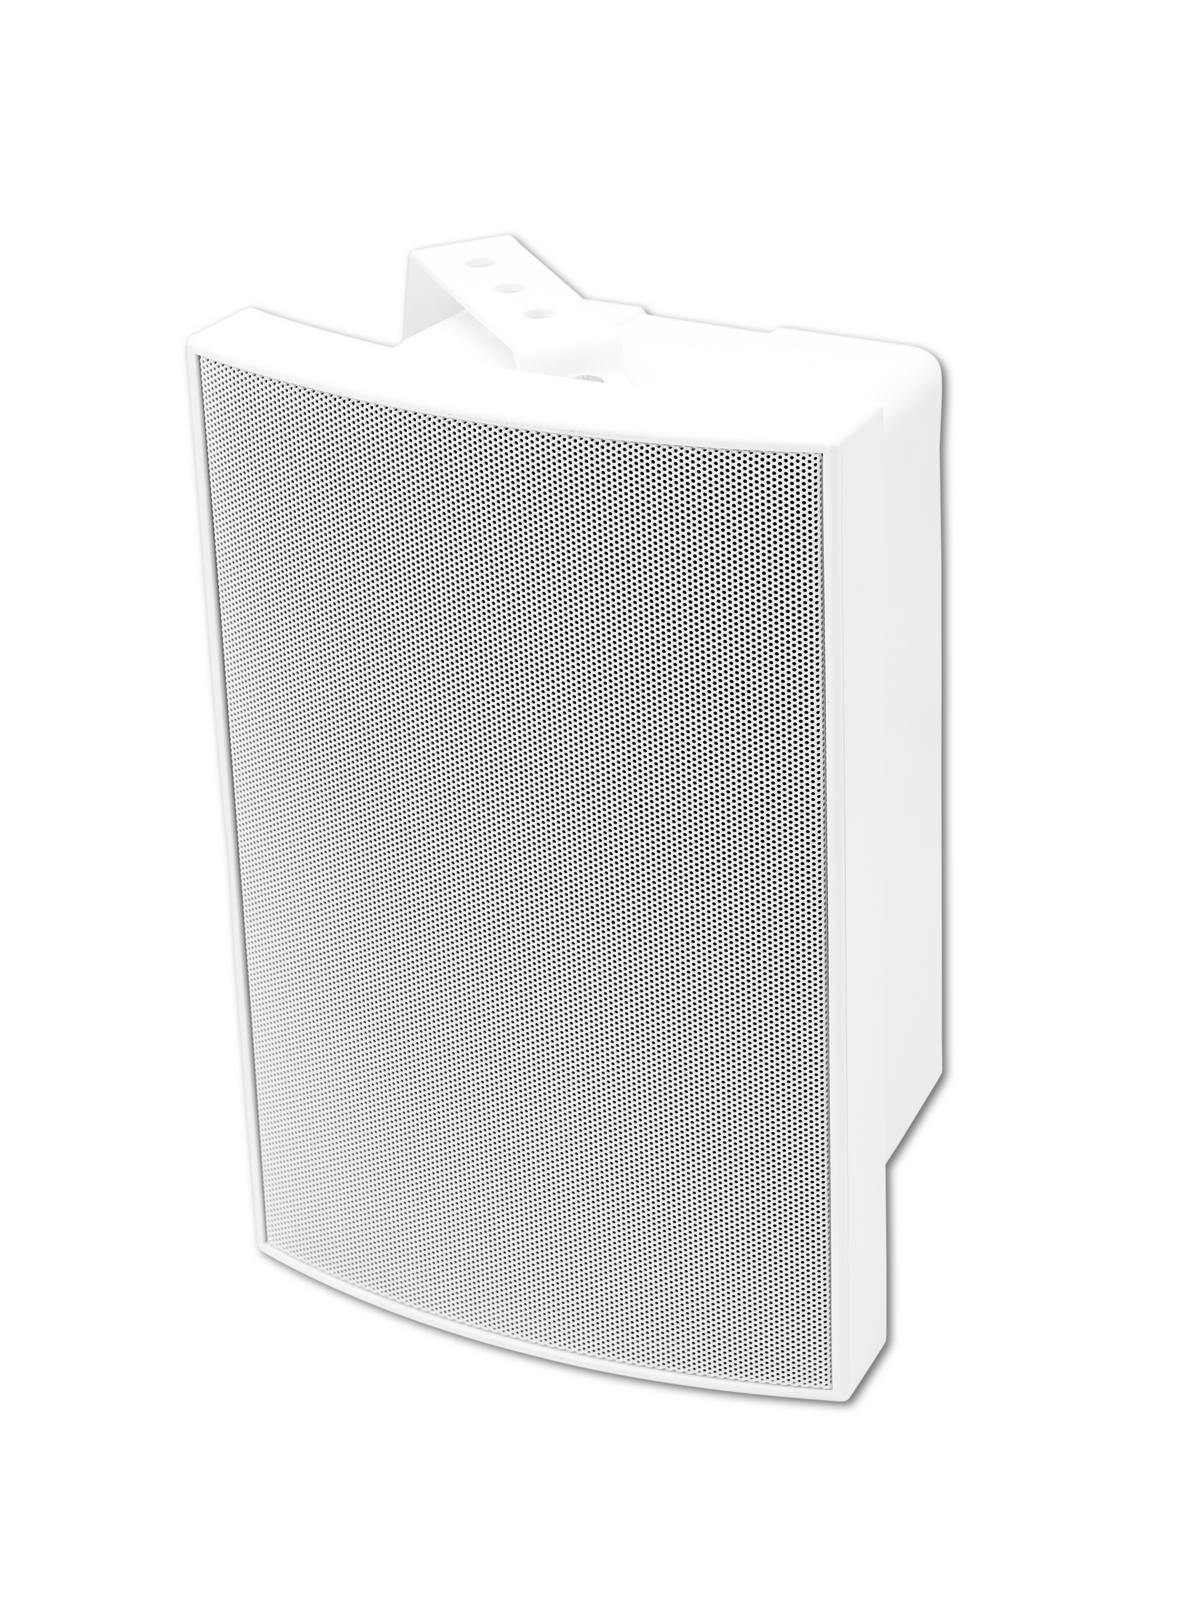 Cassa diffusore da soffitto parete 40 watt OMNITRONIC WMS-5W bianca